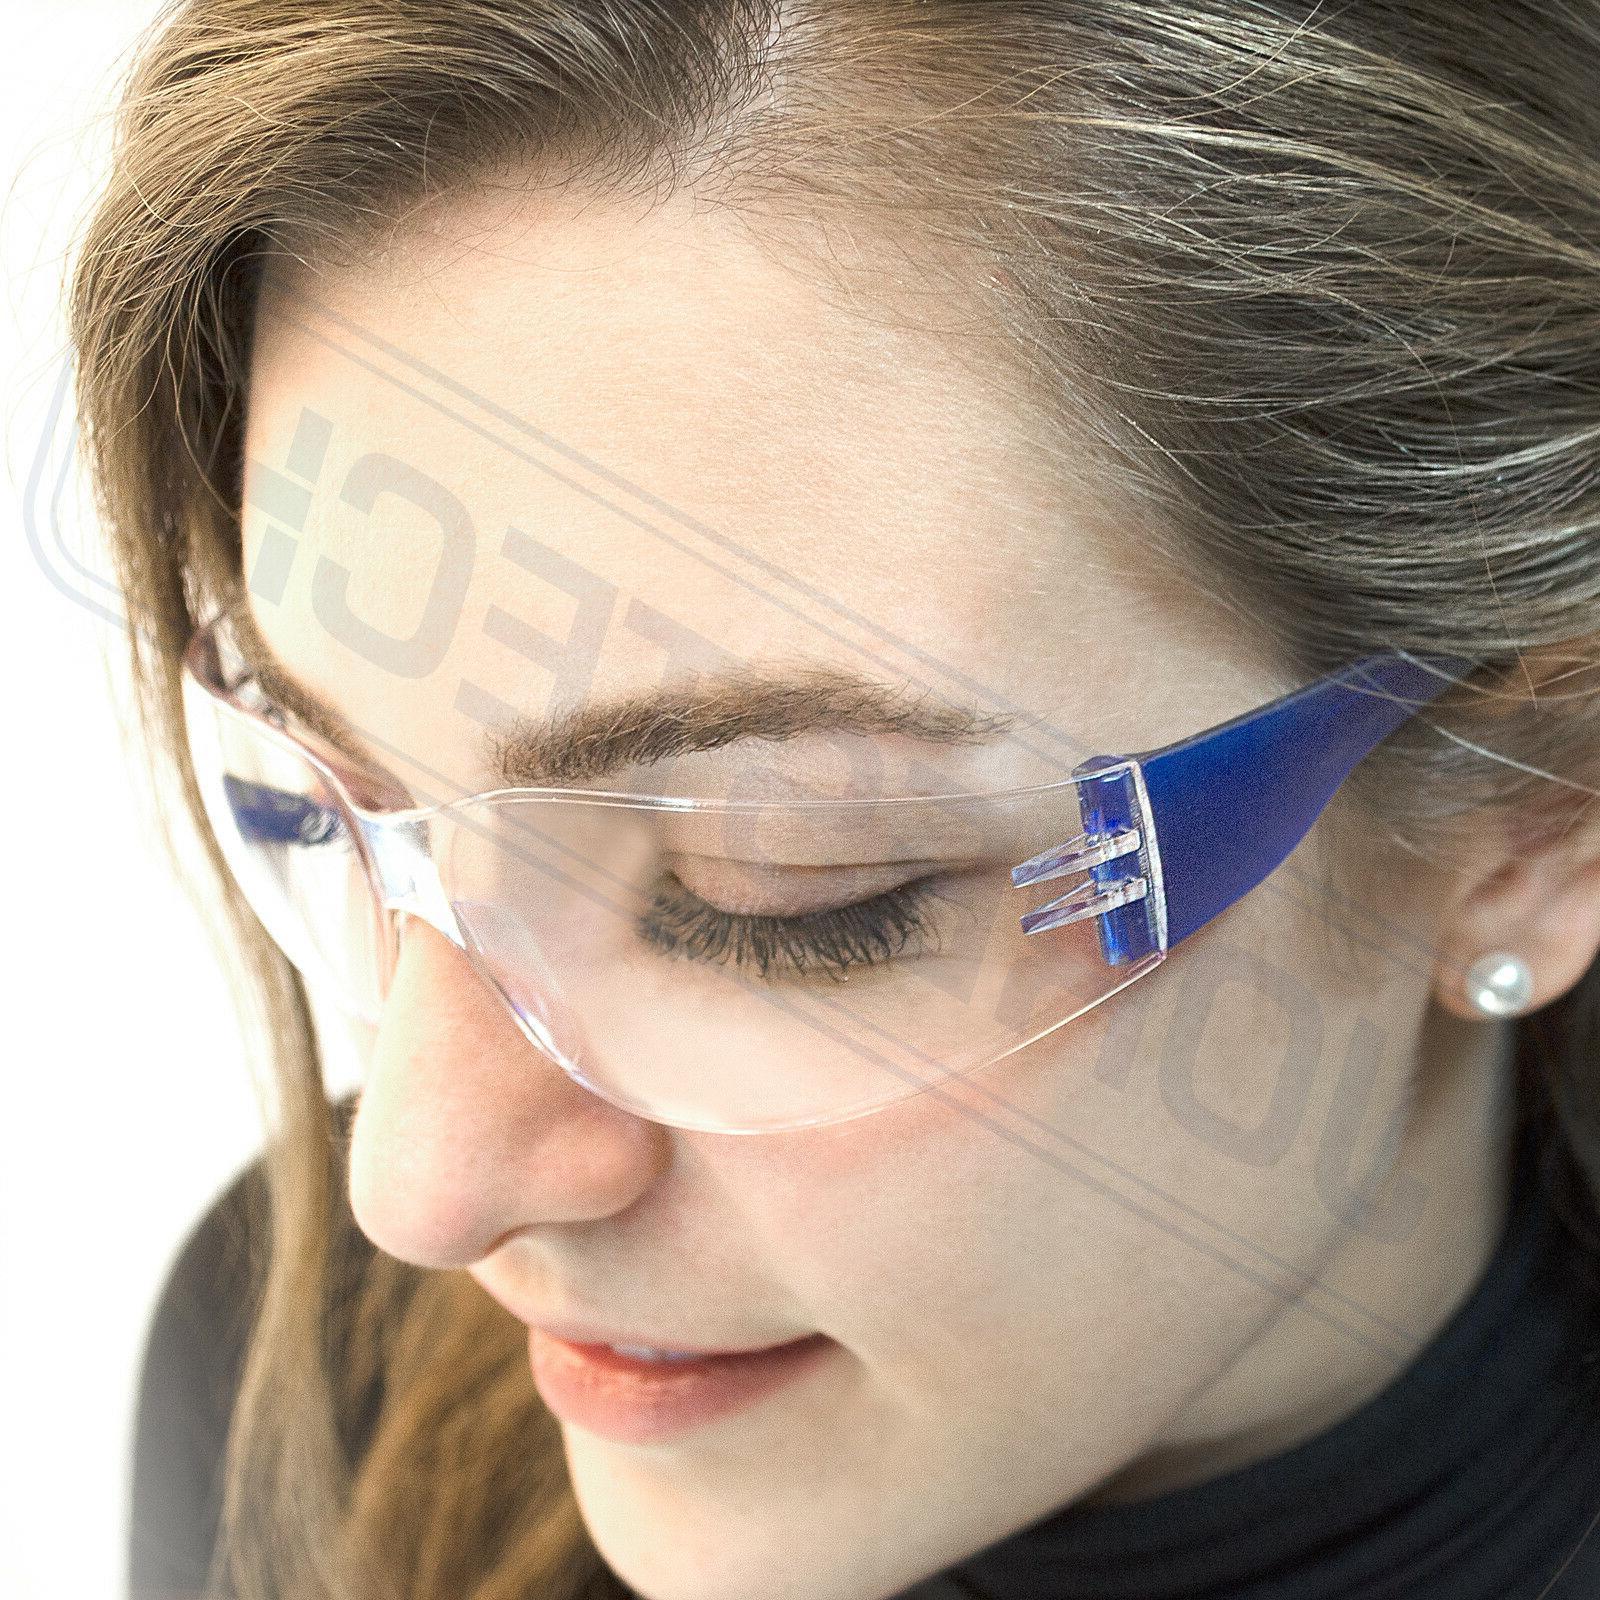 JORESTECH Blue frame clear Lens Glasses Sunglasses 12PACK